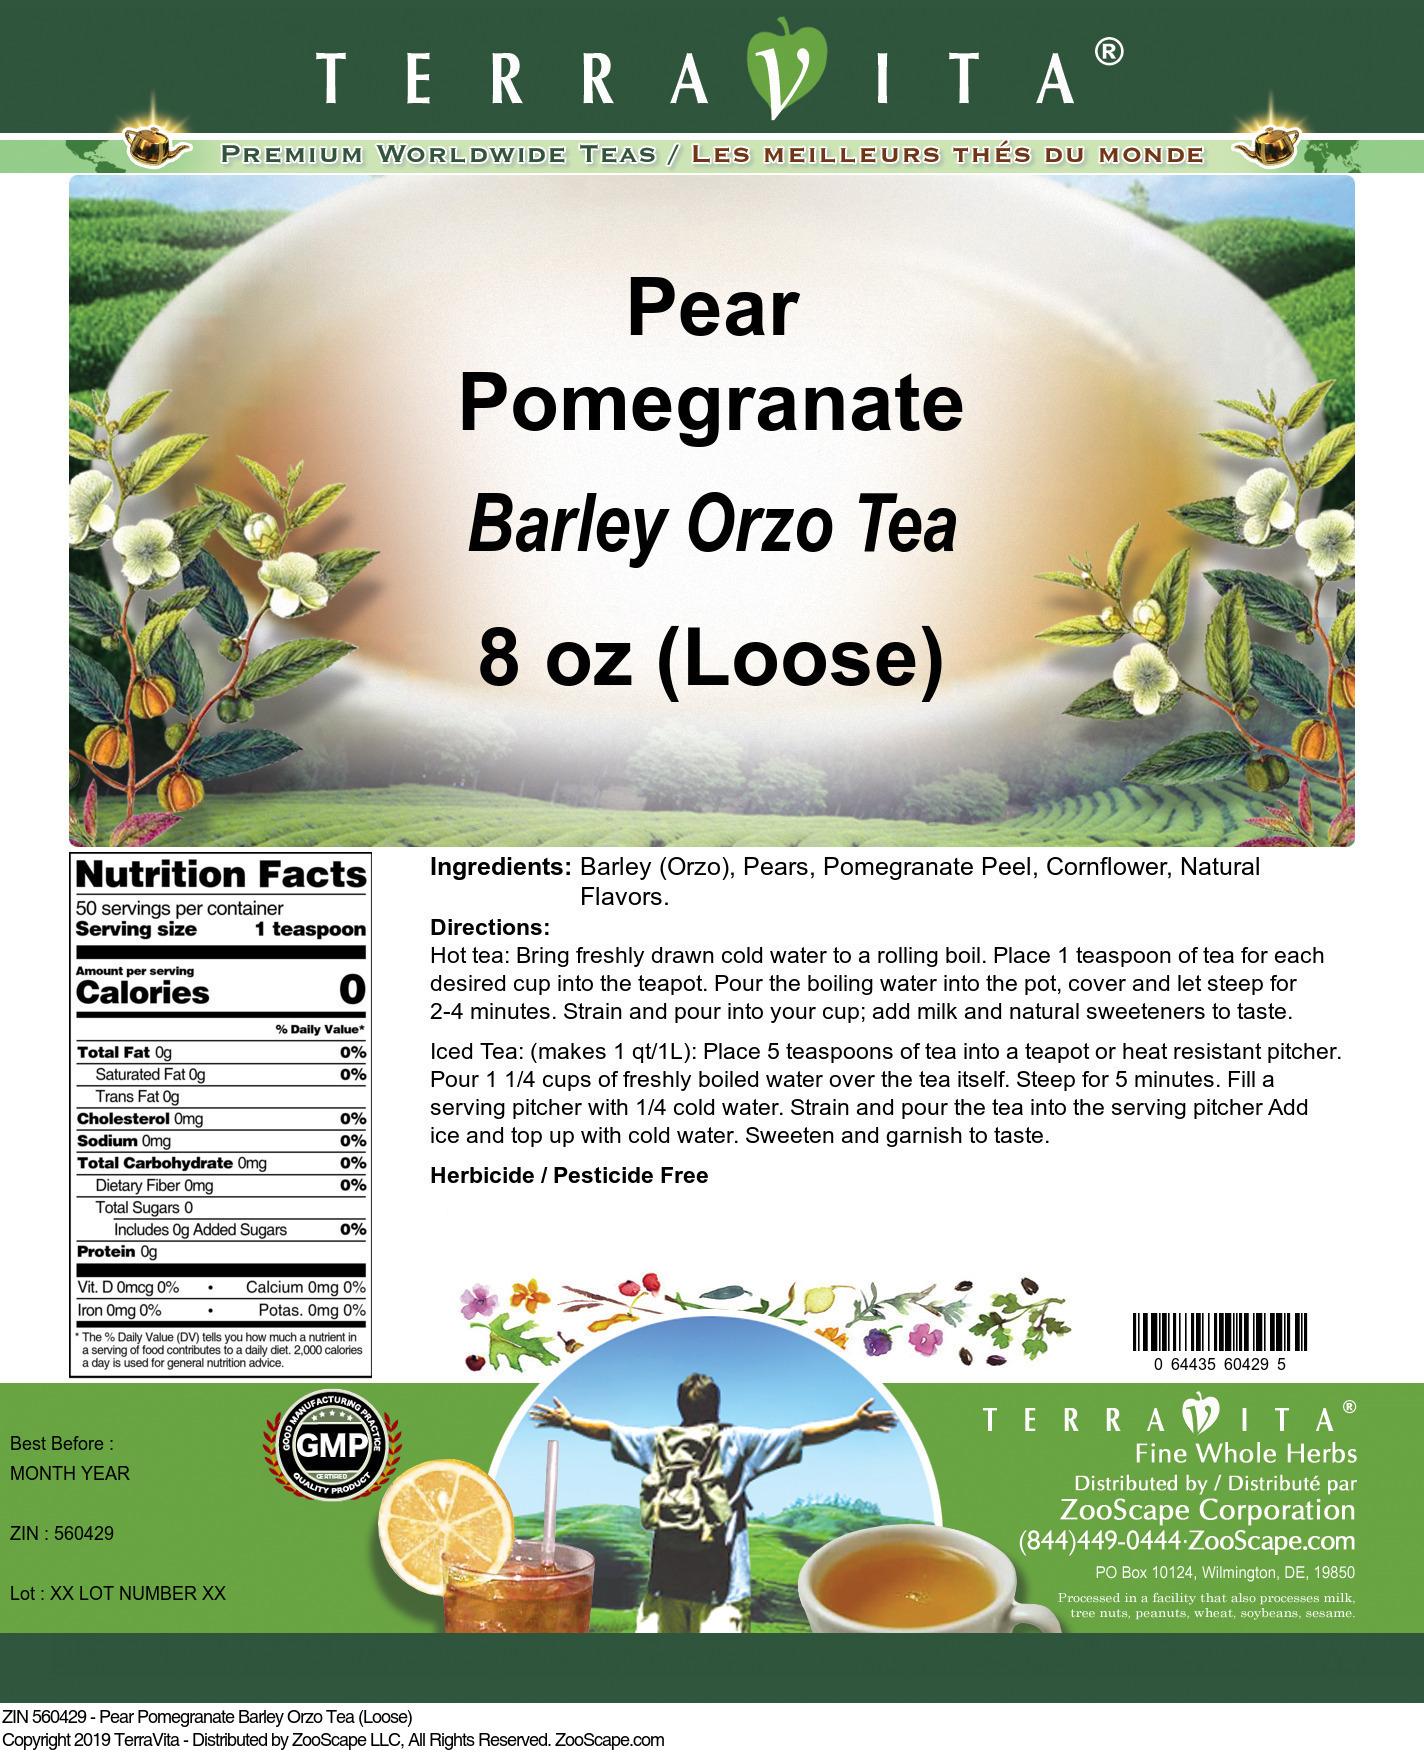 Pear Pomegranate Barley Orzo